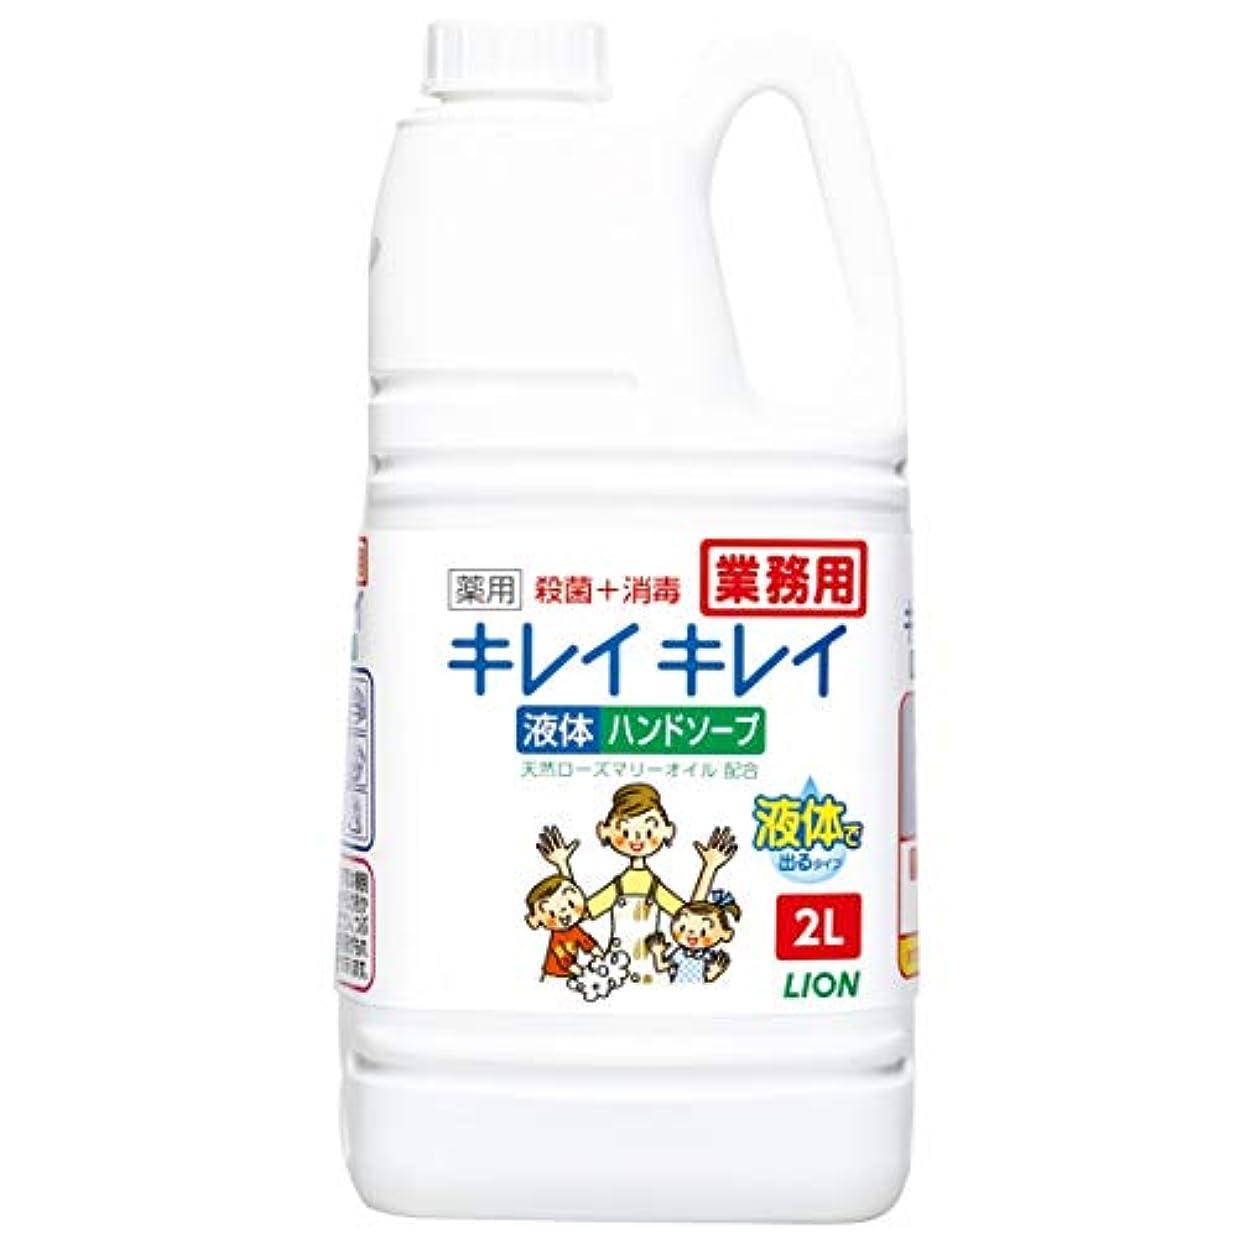 くすぐったい副産物大混乱【業務用 大容量】キレイキレイ 薬用 ハンドソープ 2L(医薬部外品)